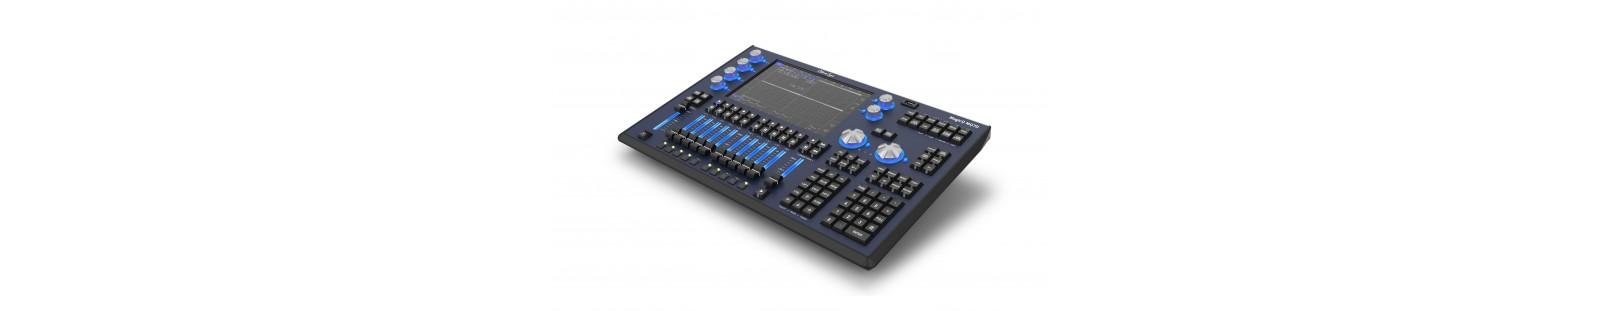 MagicQ MQ70 Compact Console